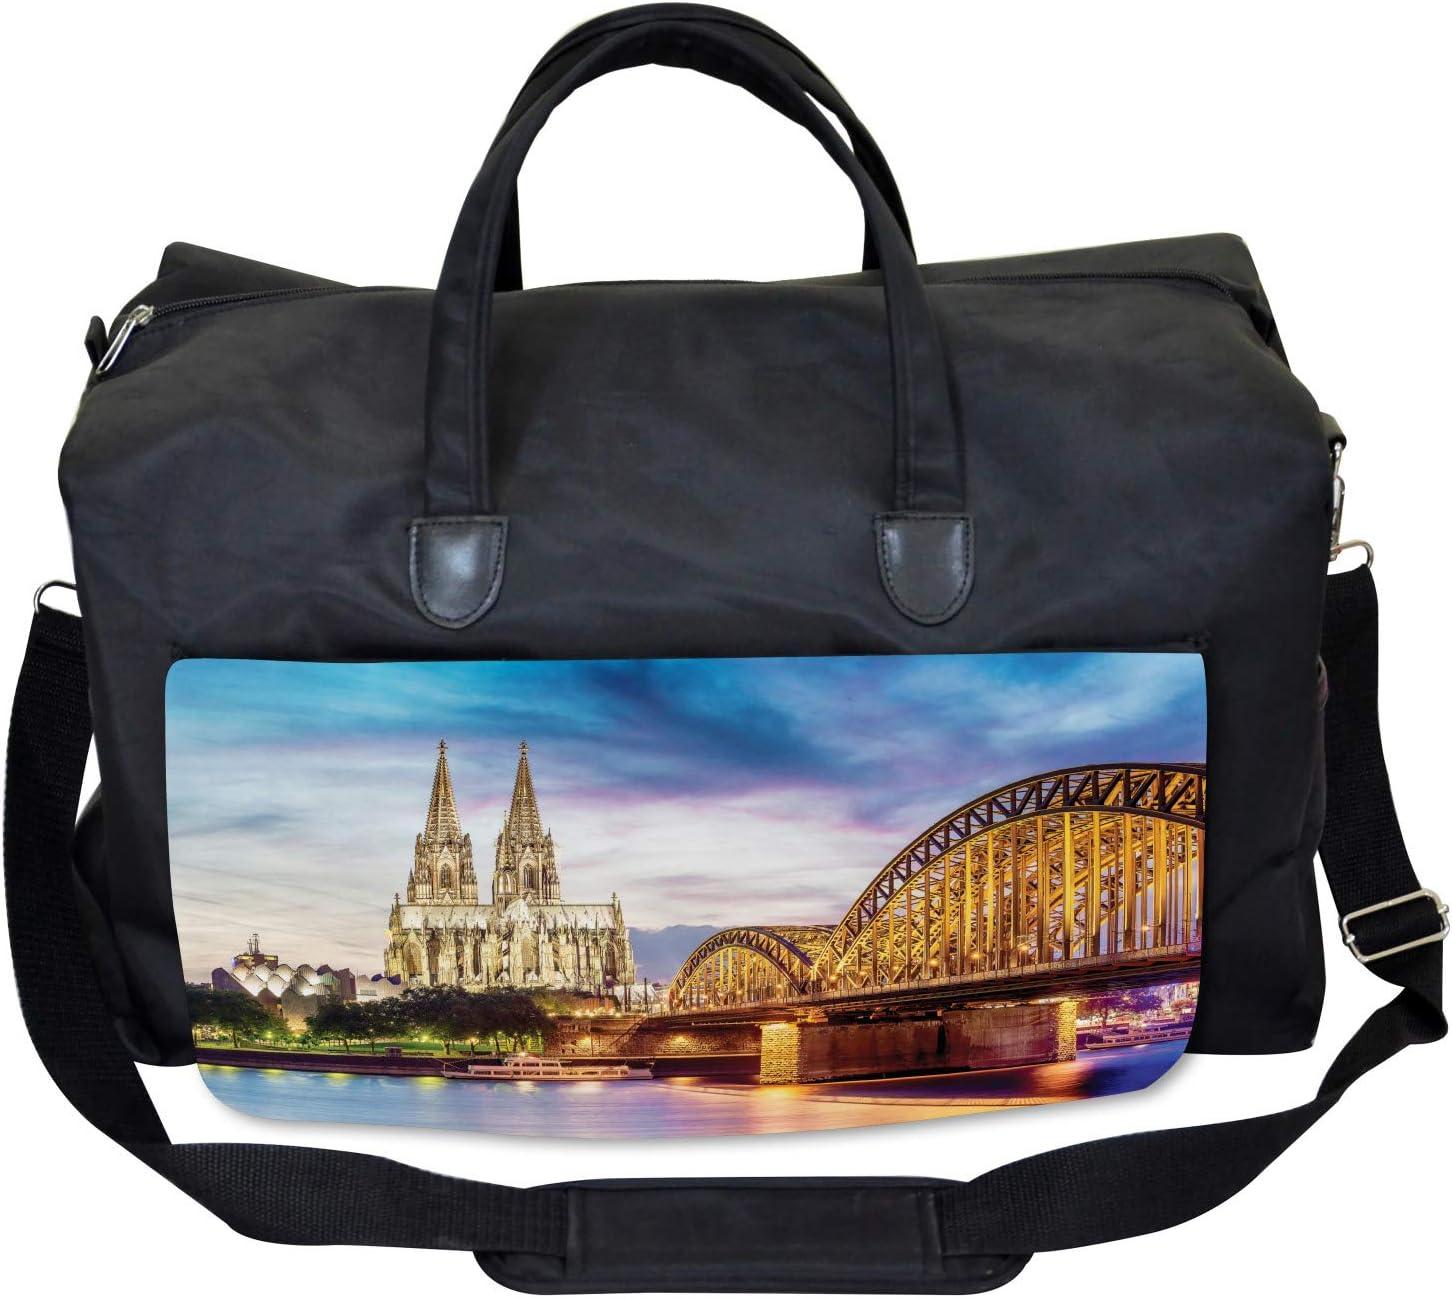 Old Bridge and Rhine Large Weekender Carry-on Ambesonne European Gym Bag